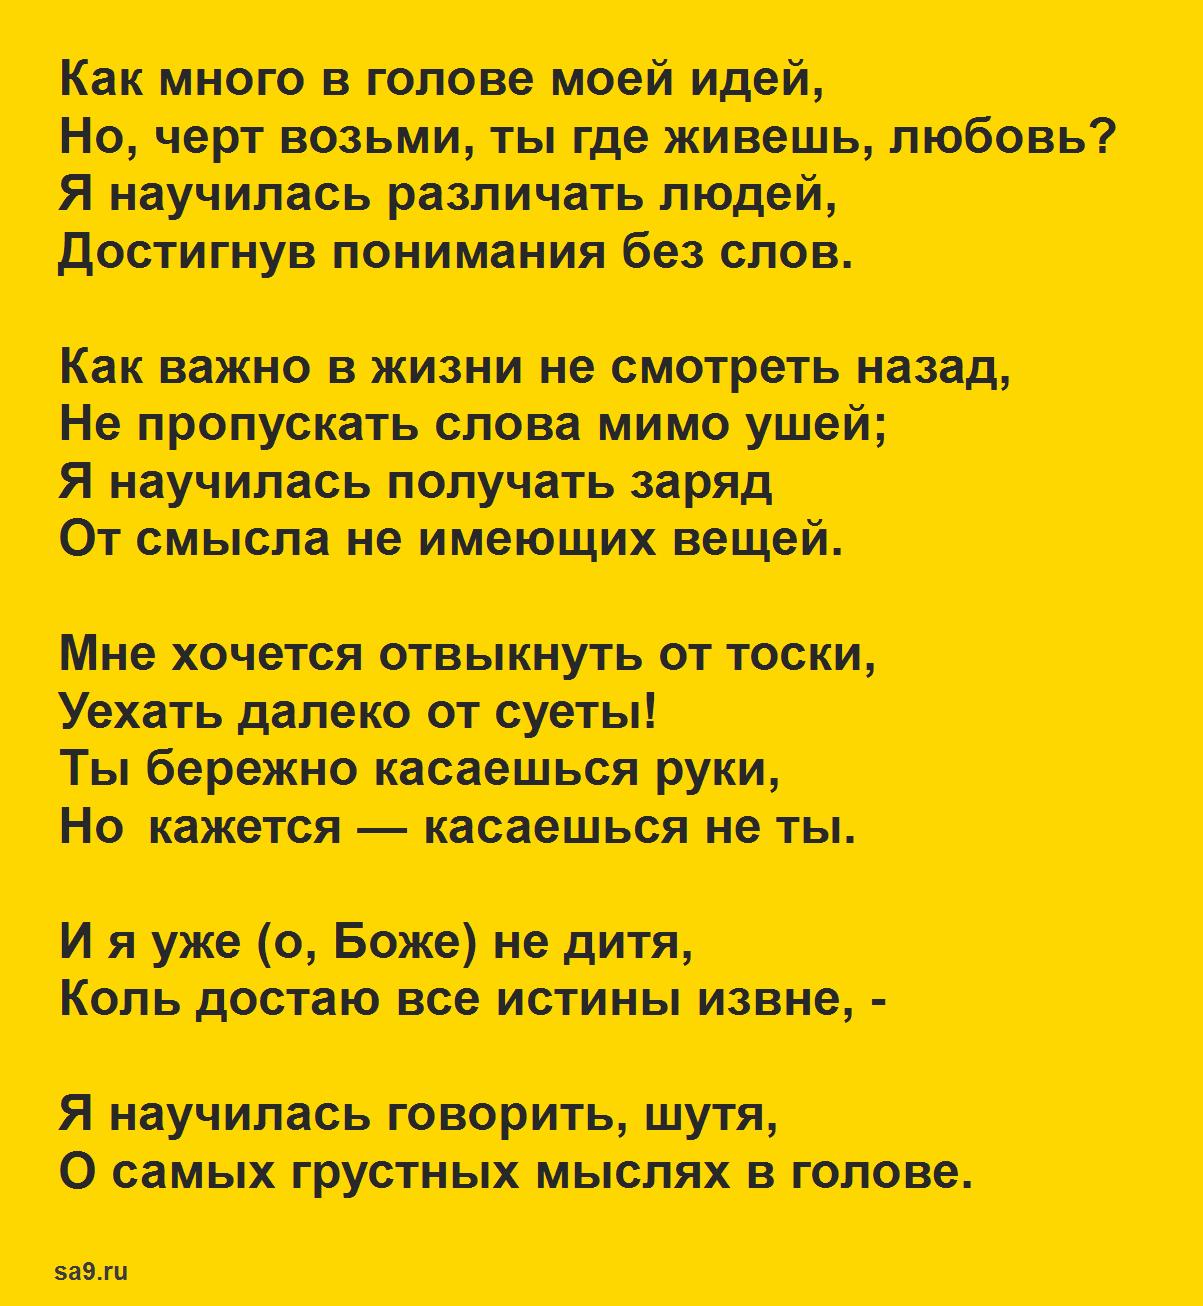 Читать стихи Астаховой - Как много в голове моей идей